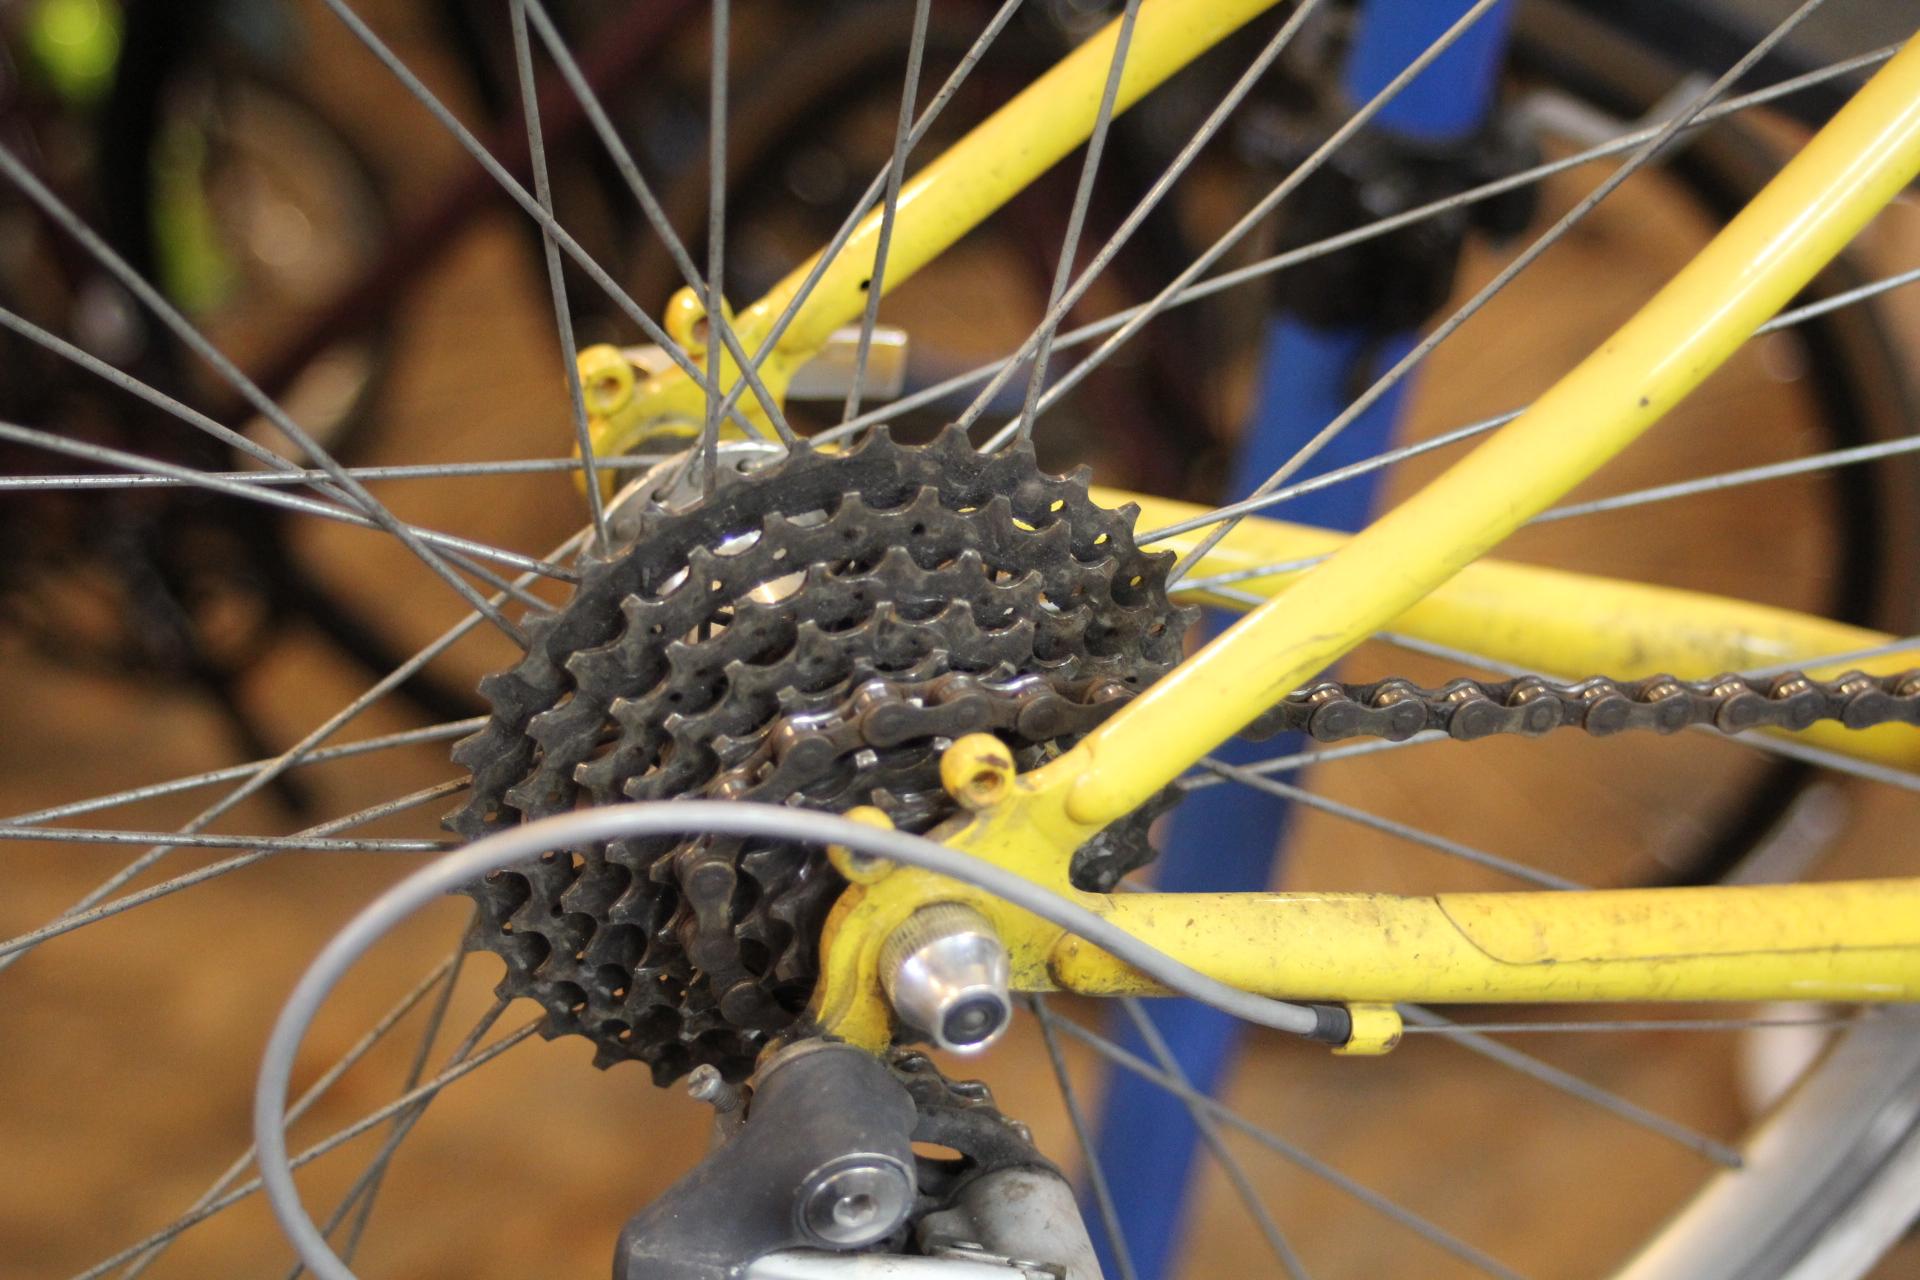 クロスバイクのメンテナンス&修理+洗車、お気軽にお持込下さい。